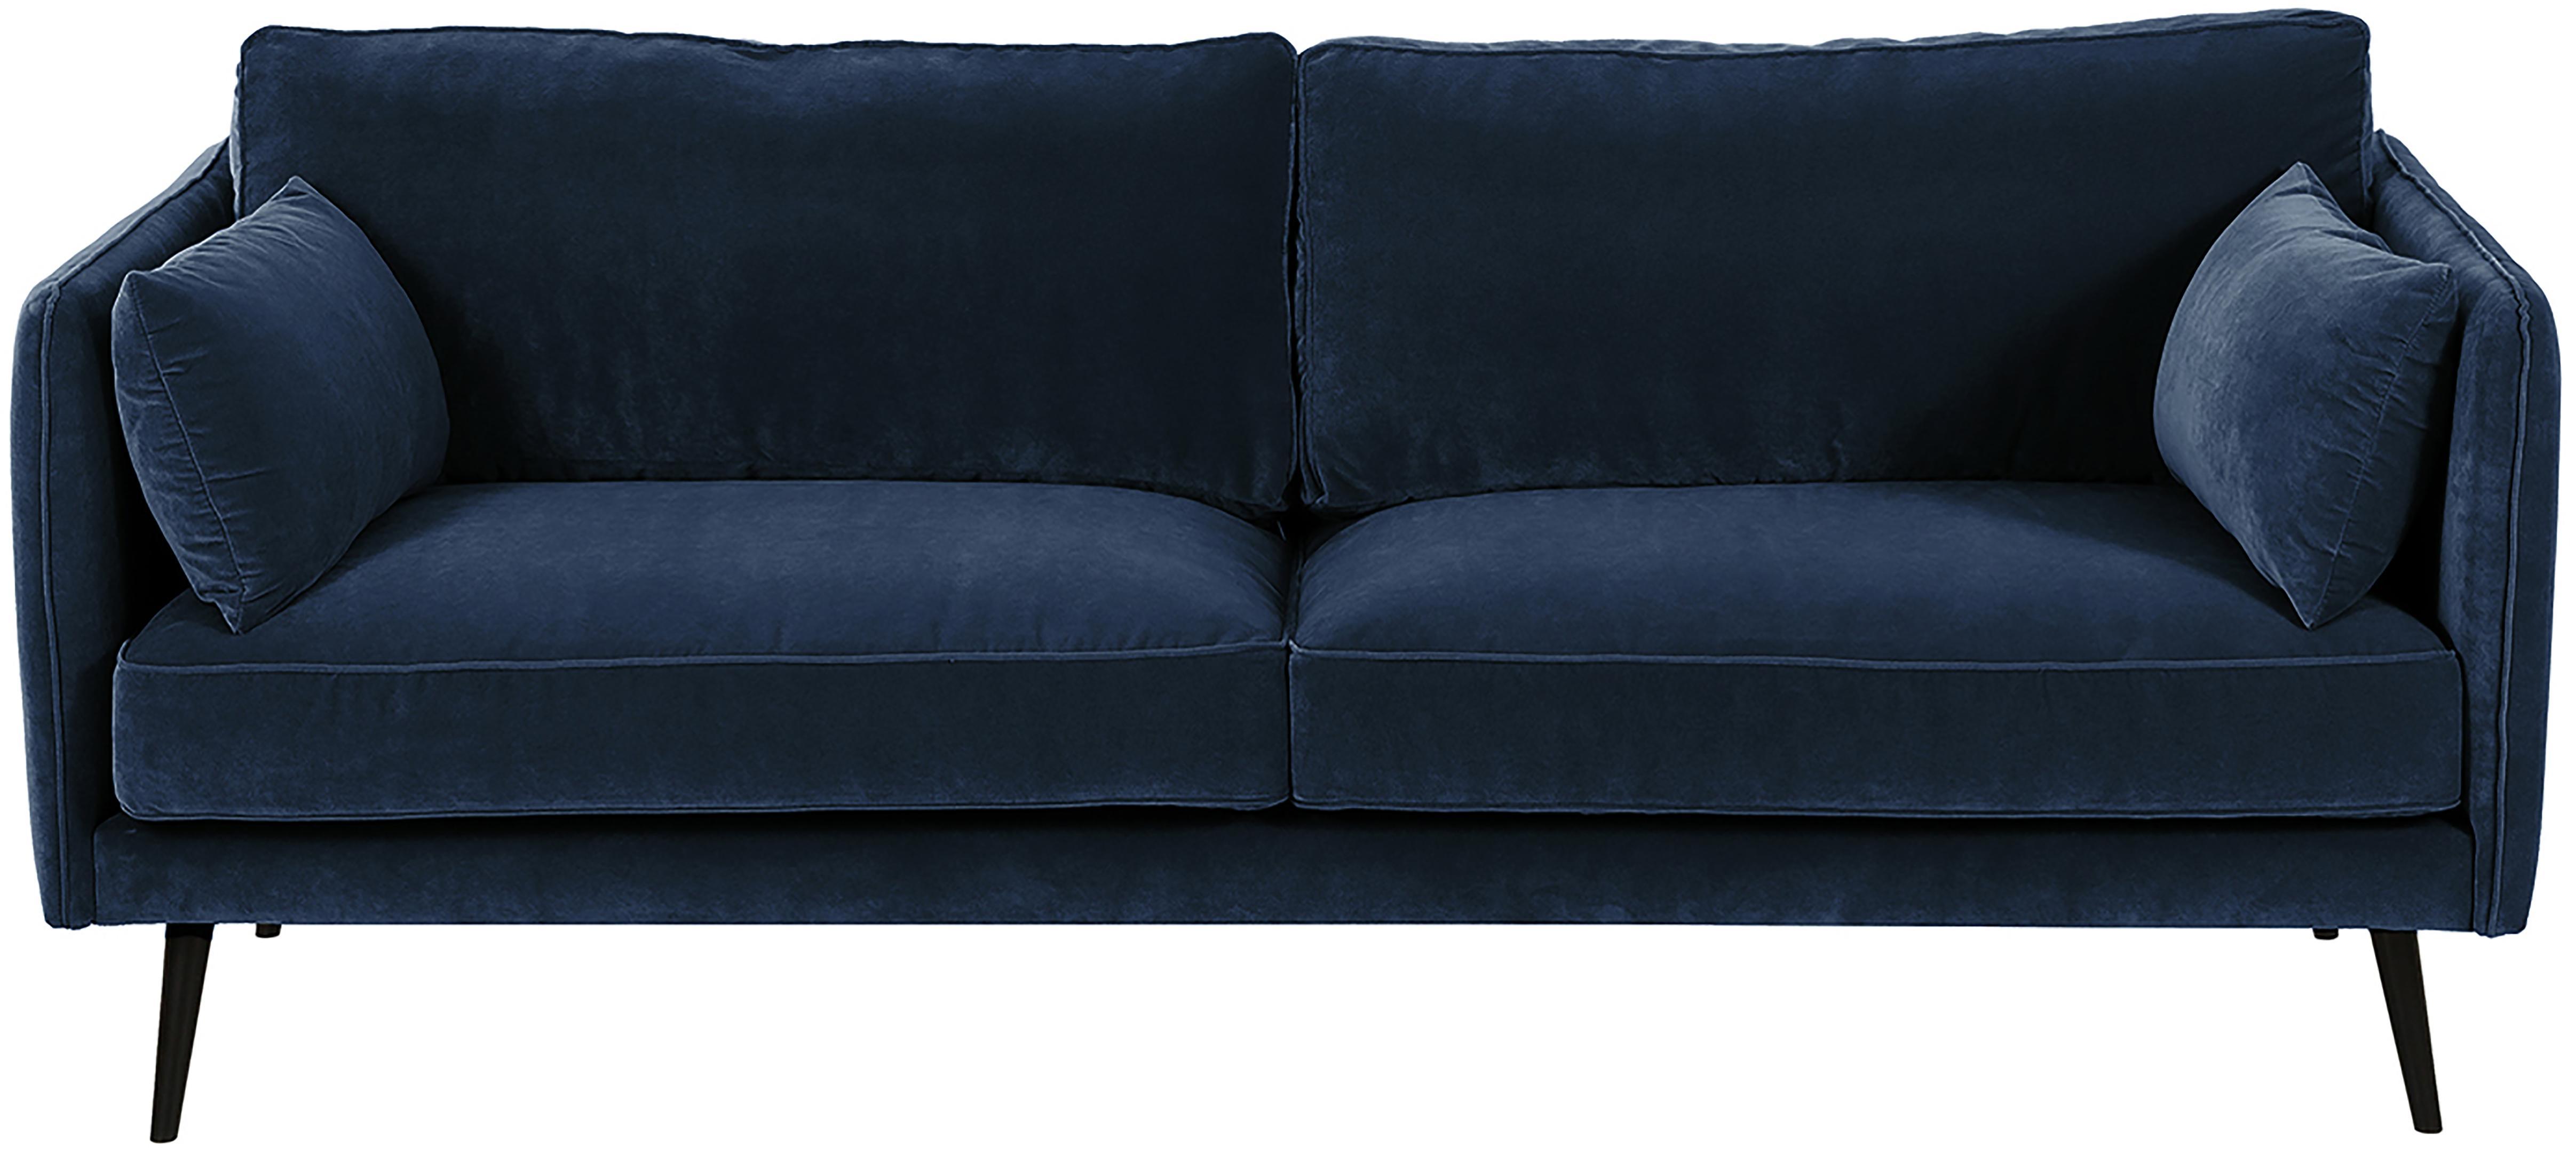 Fluwelen bank Paola (3-zits), Bekleding: fluweel (polyester), Frame: massief vurenhout, spaanp, Poten: gelakt vurenhout Het FSC-, Blauw, B 209 x D 95 cm